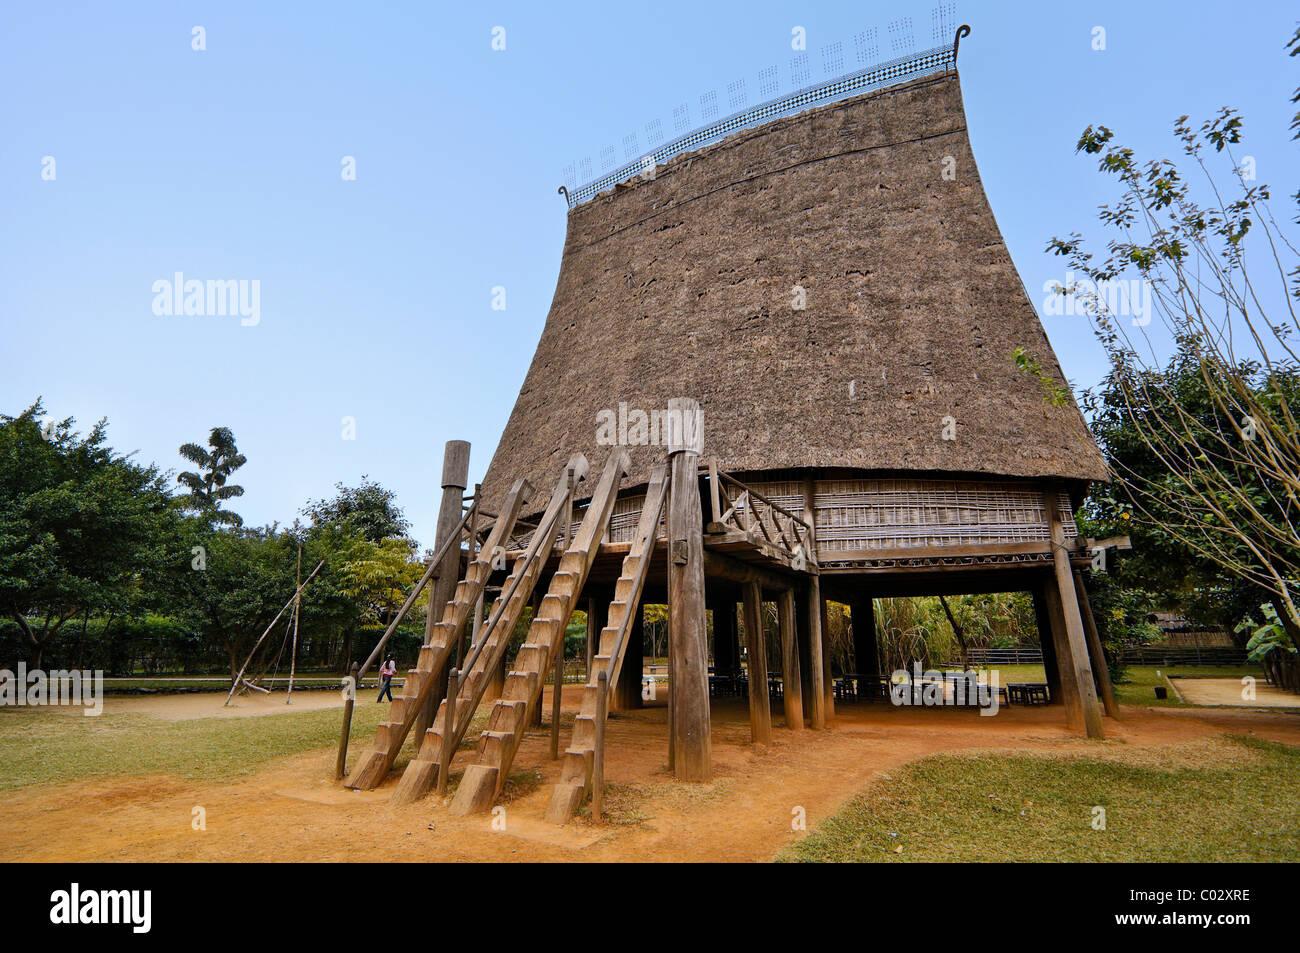 Reconstruit à partir de la chambre les hauts plateaux du centre, musée d'ethnologie de Hanoi, Vietnam, Photo Stock